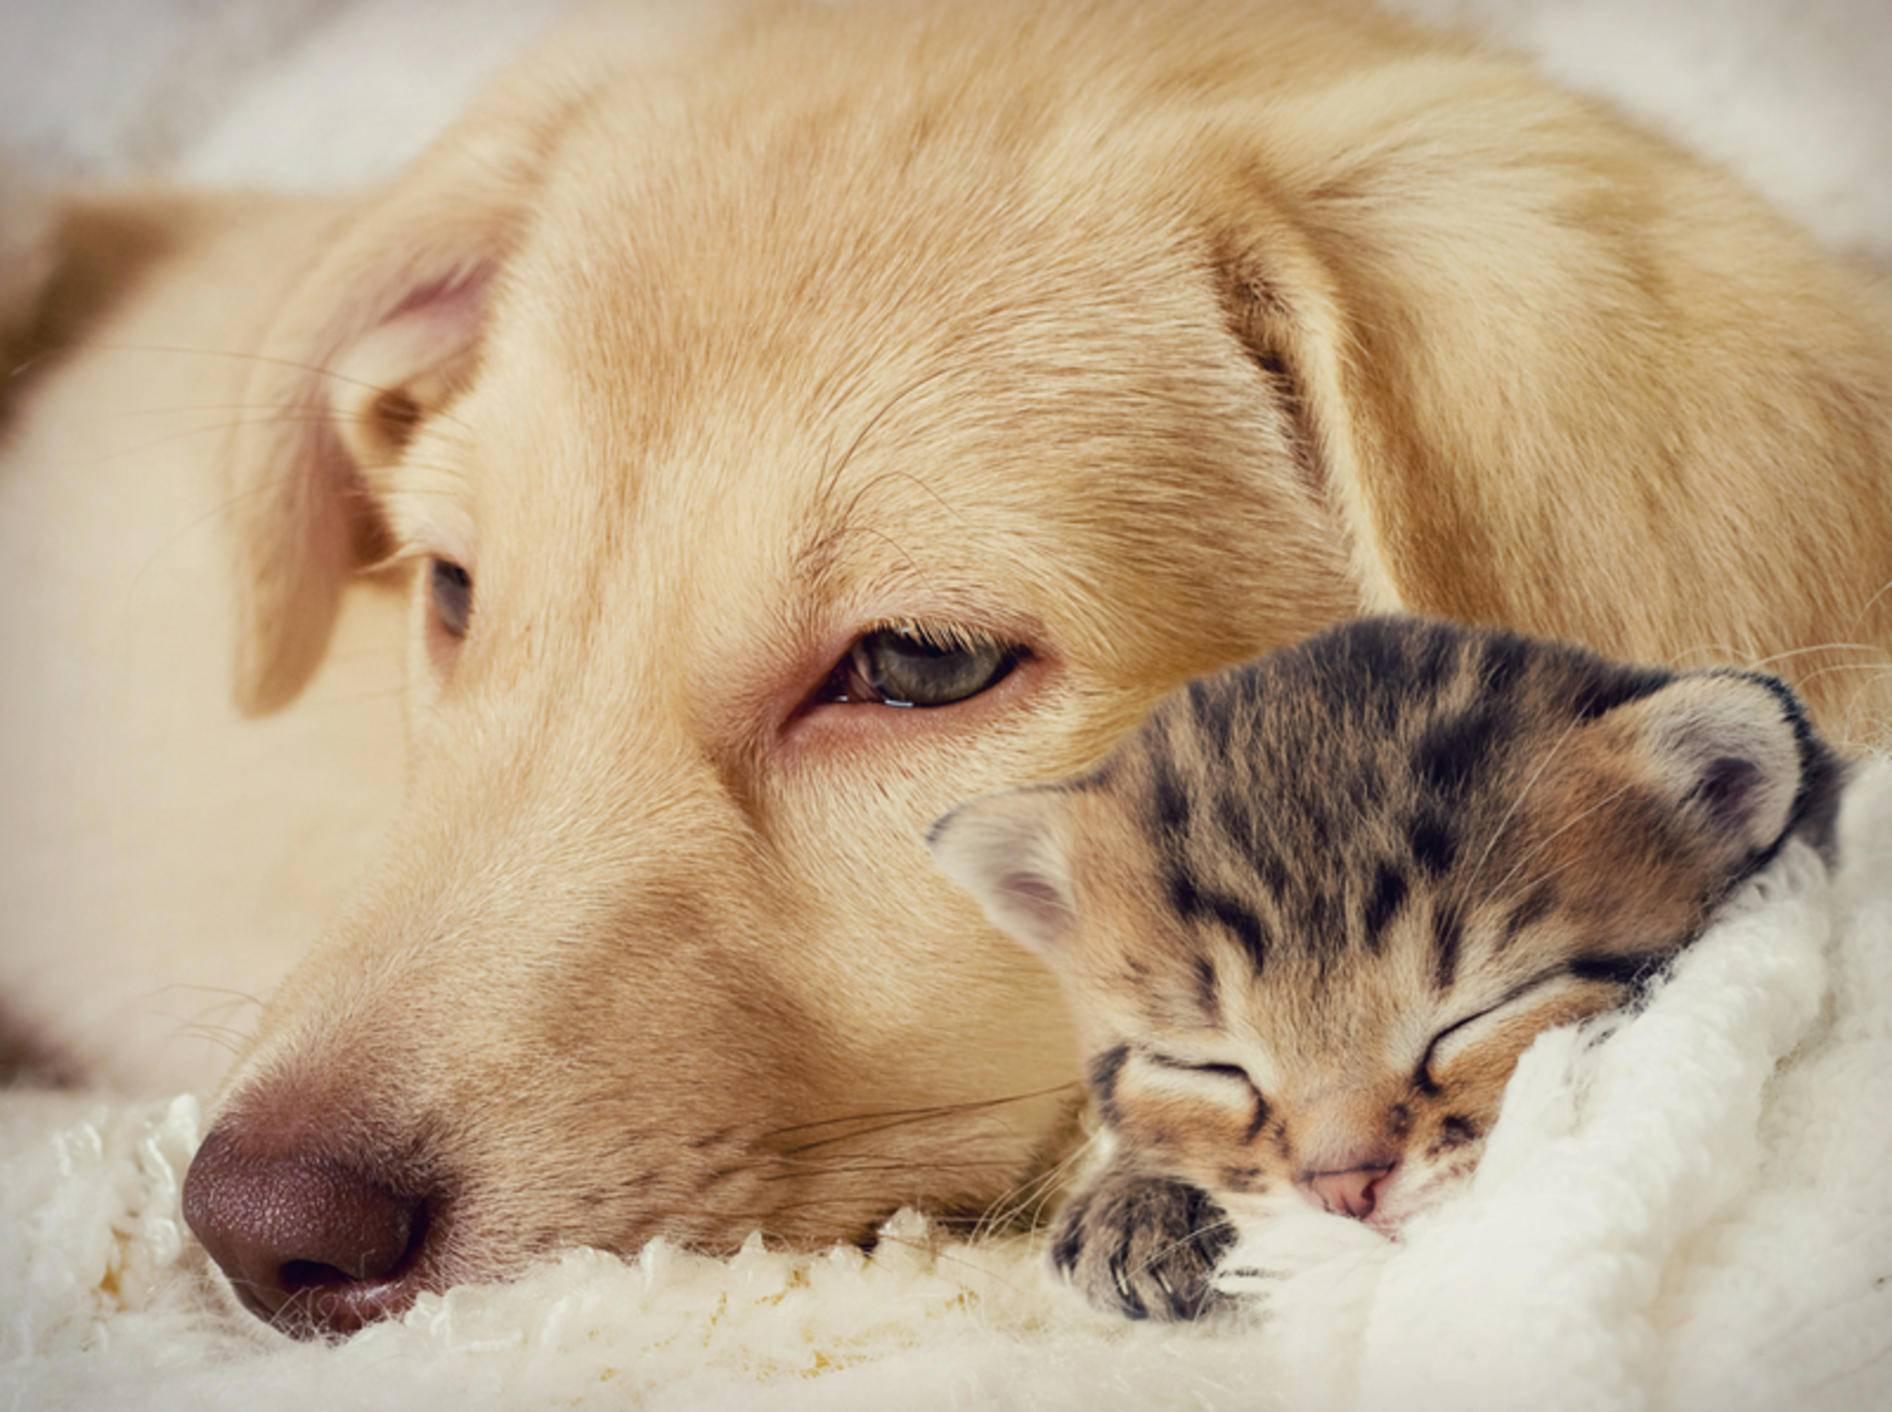 Hund und Katze können miteinander kuscheln – Bild: Shutterstock / gurinaleksandr